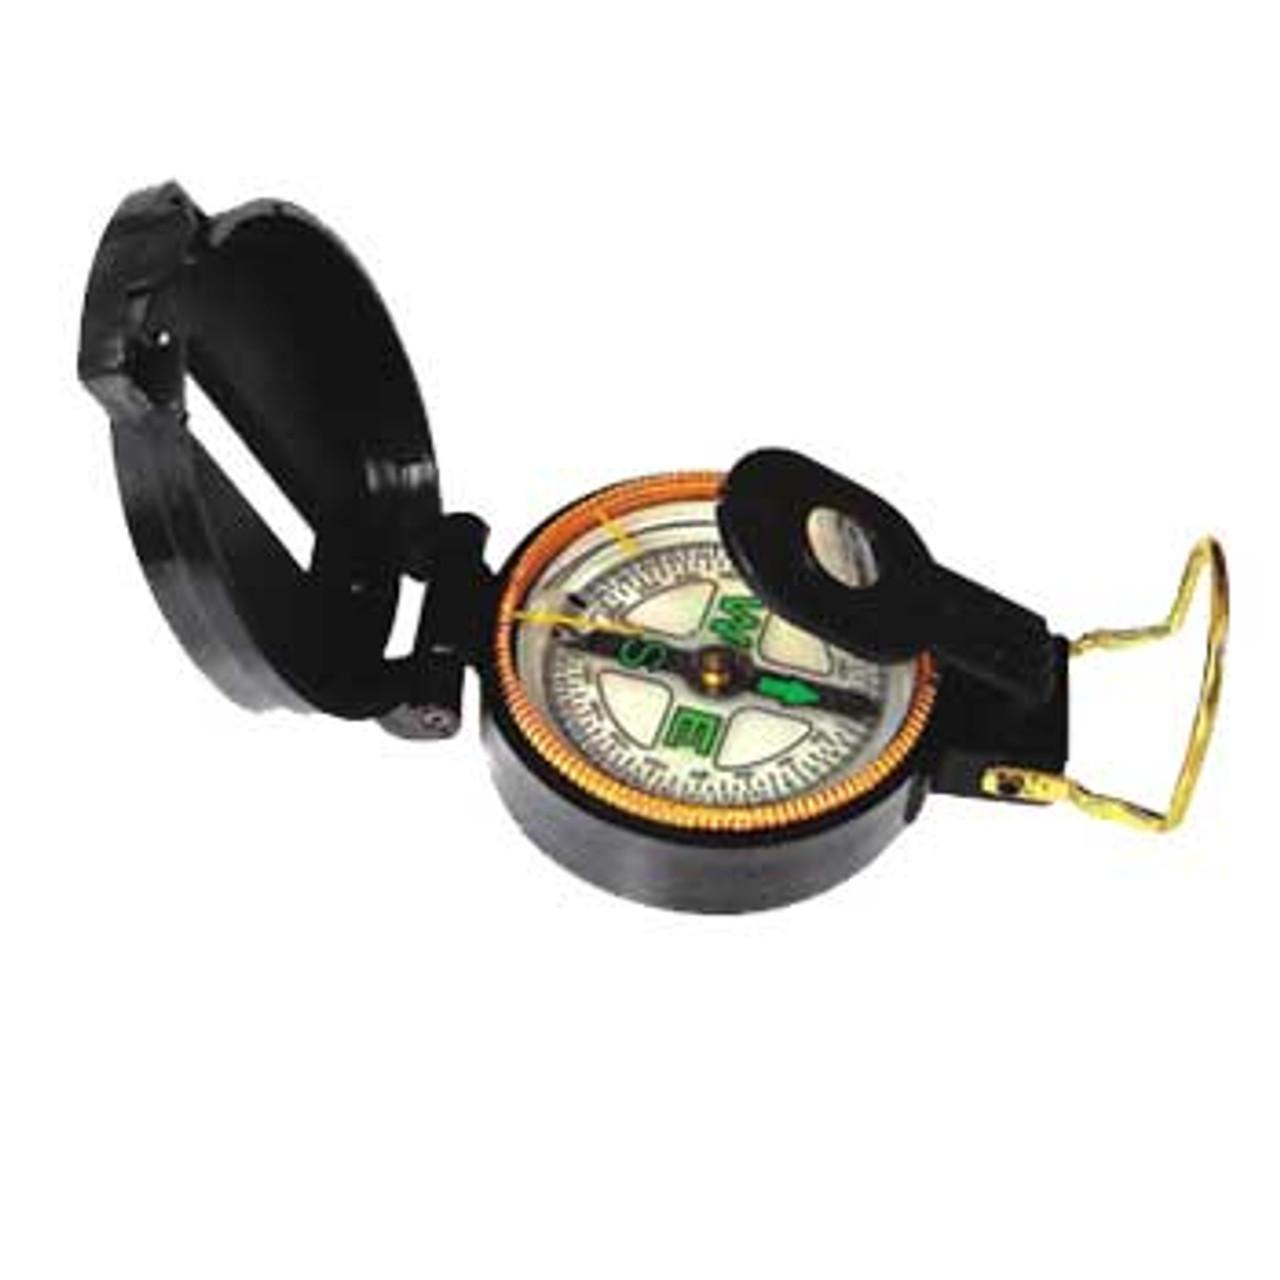 Directional Lensatic Compass, Plastic Case